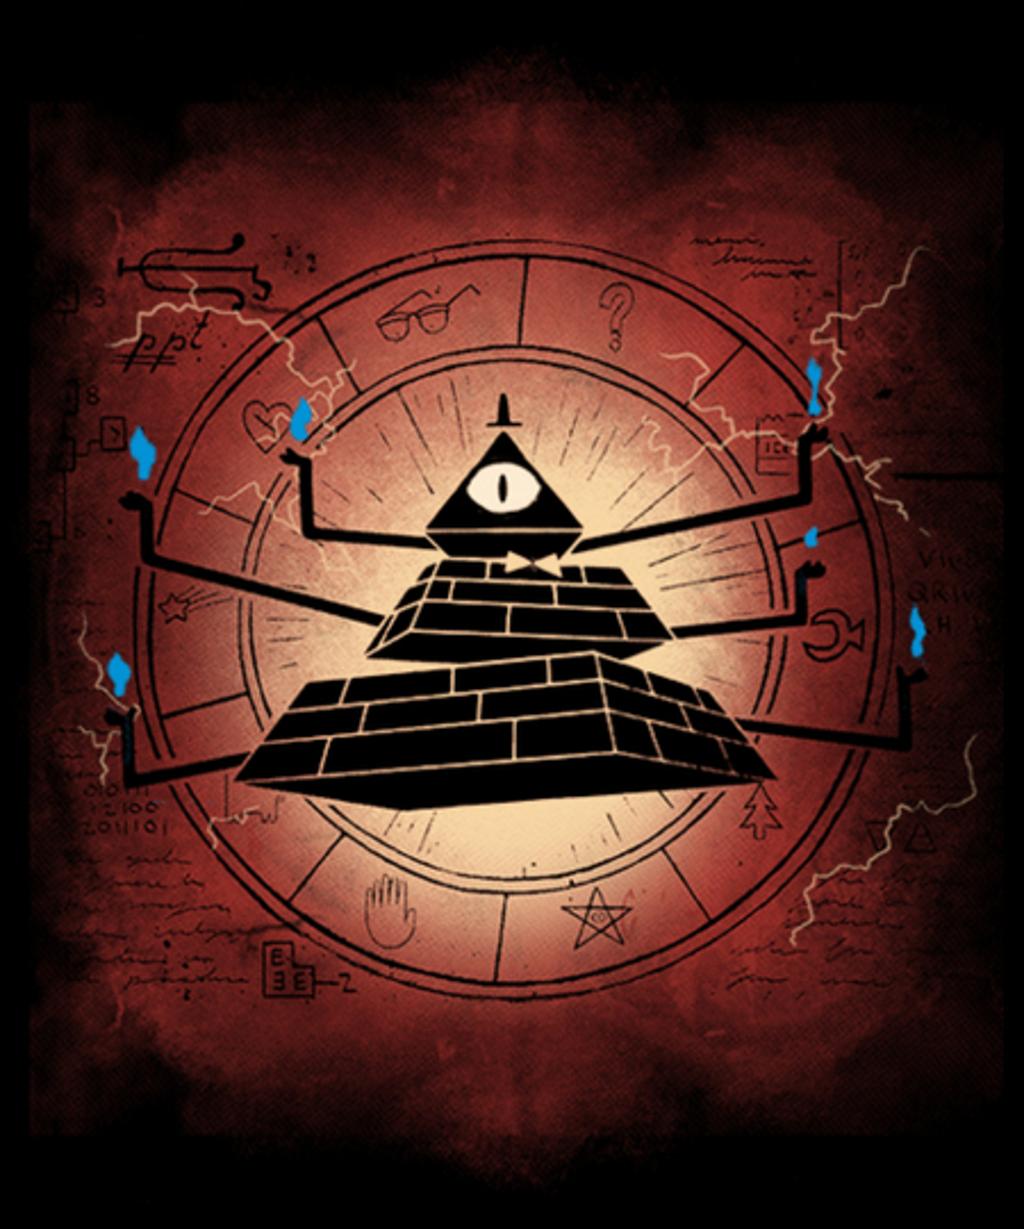 Qwertee: Triangular Demon